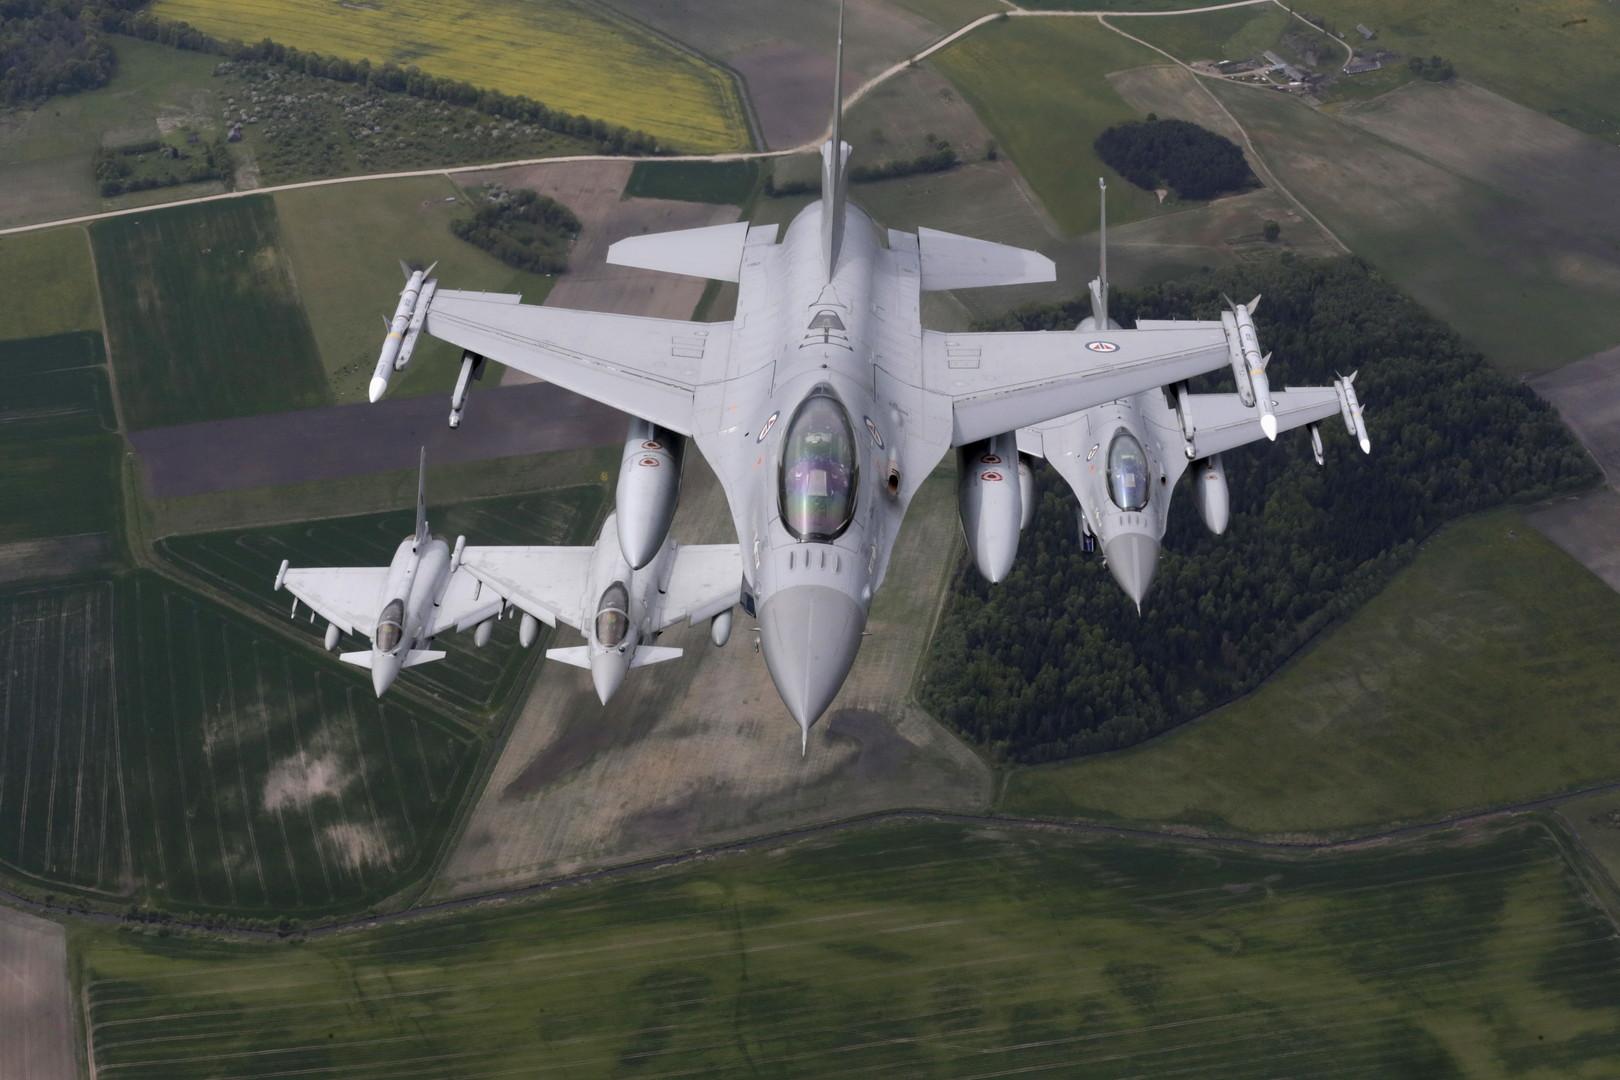 رغم الحظر الألماني.. بريطانيا تجد ثغرة لبيع طائرات حربية للسعودية